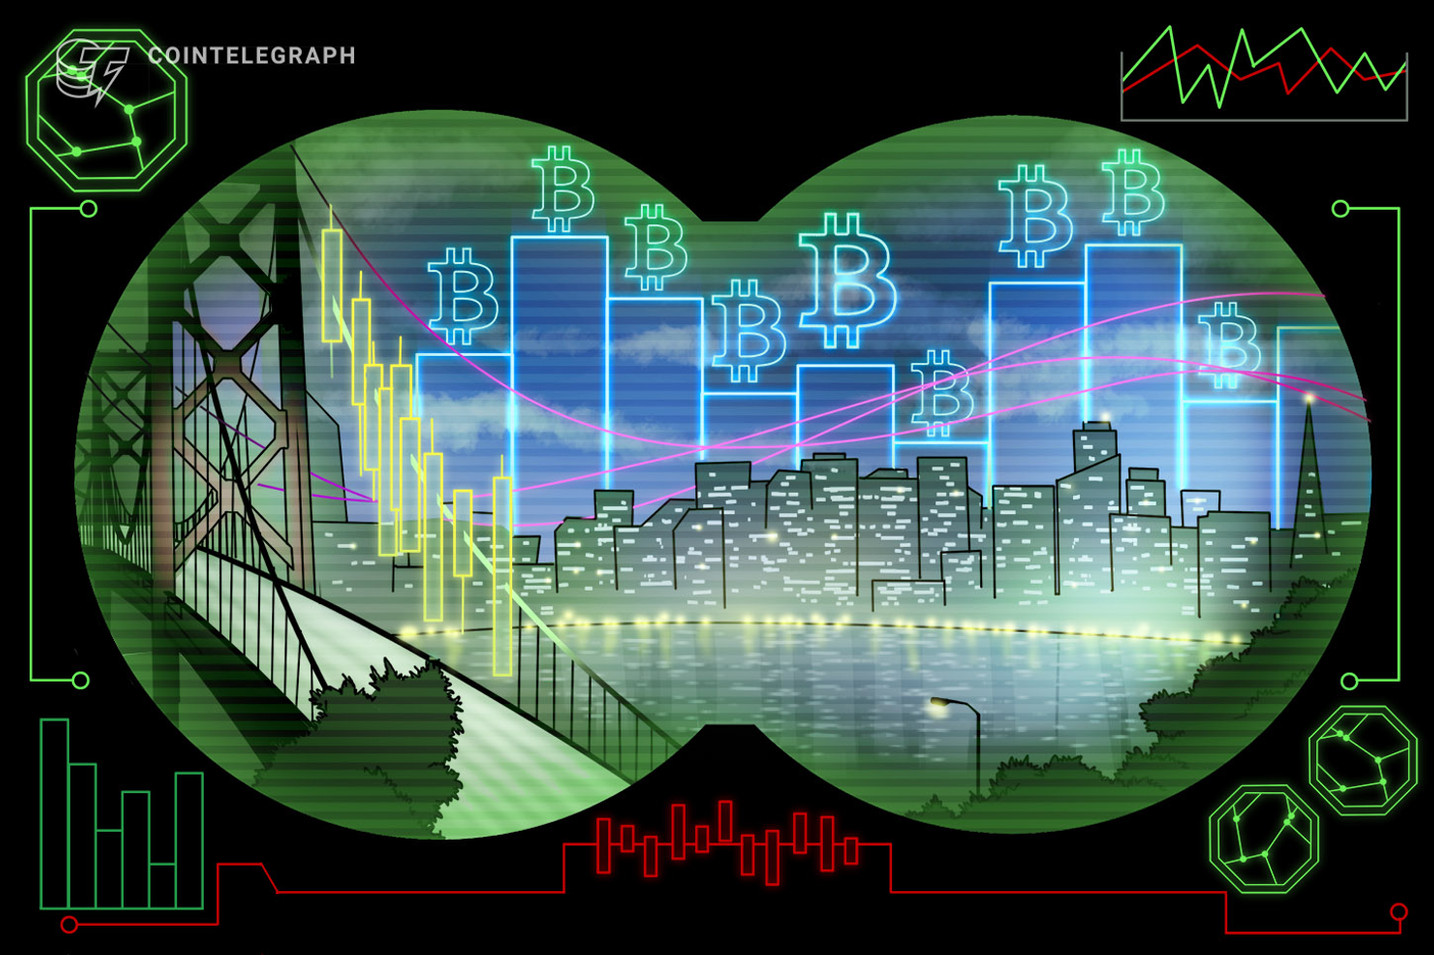 仮想通貨ビットコインのモデル価格は9019ドル、ストック・フロー比率から算出